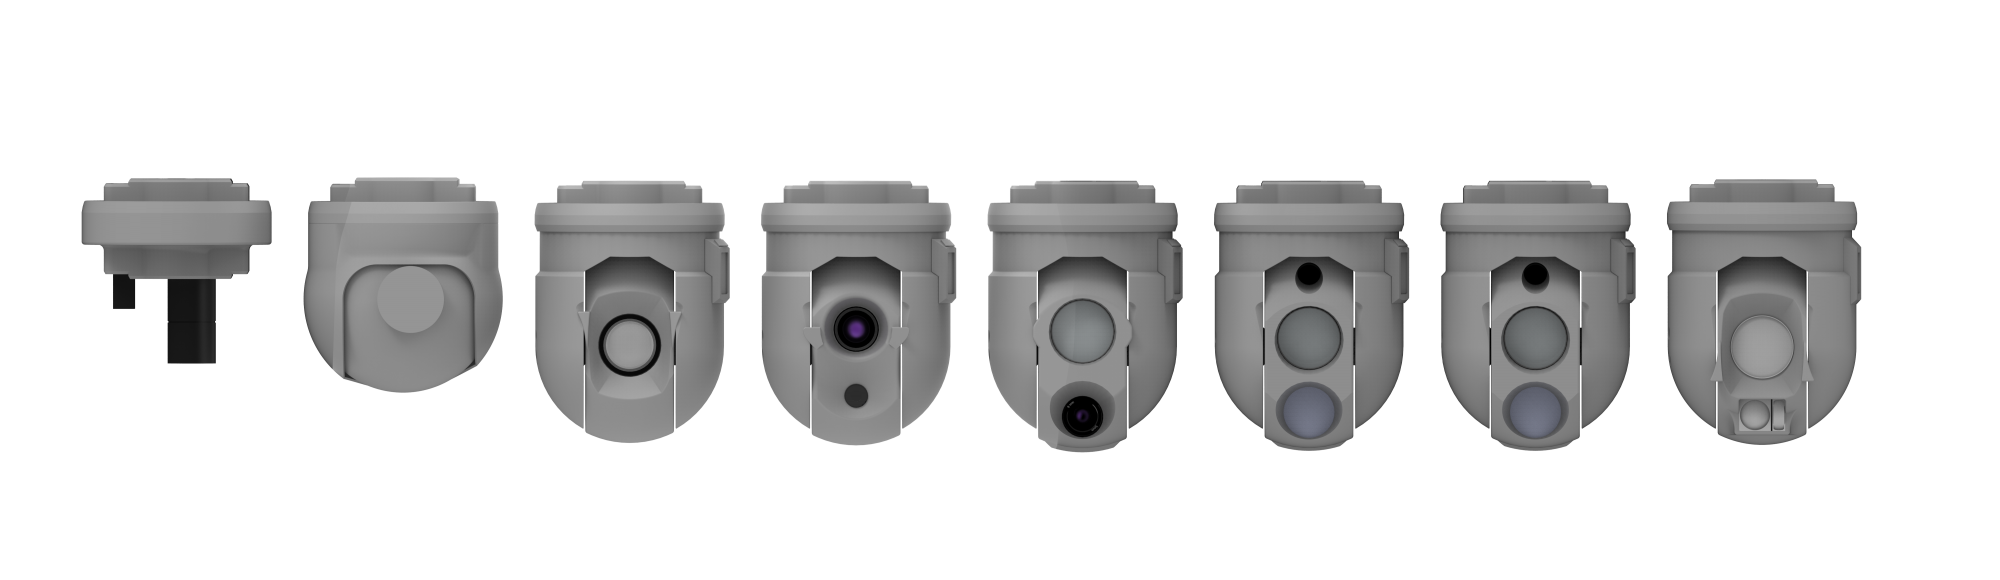 capteurs drone